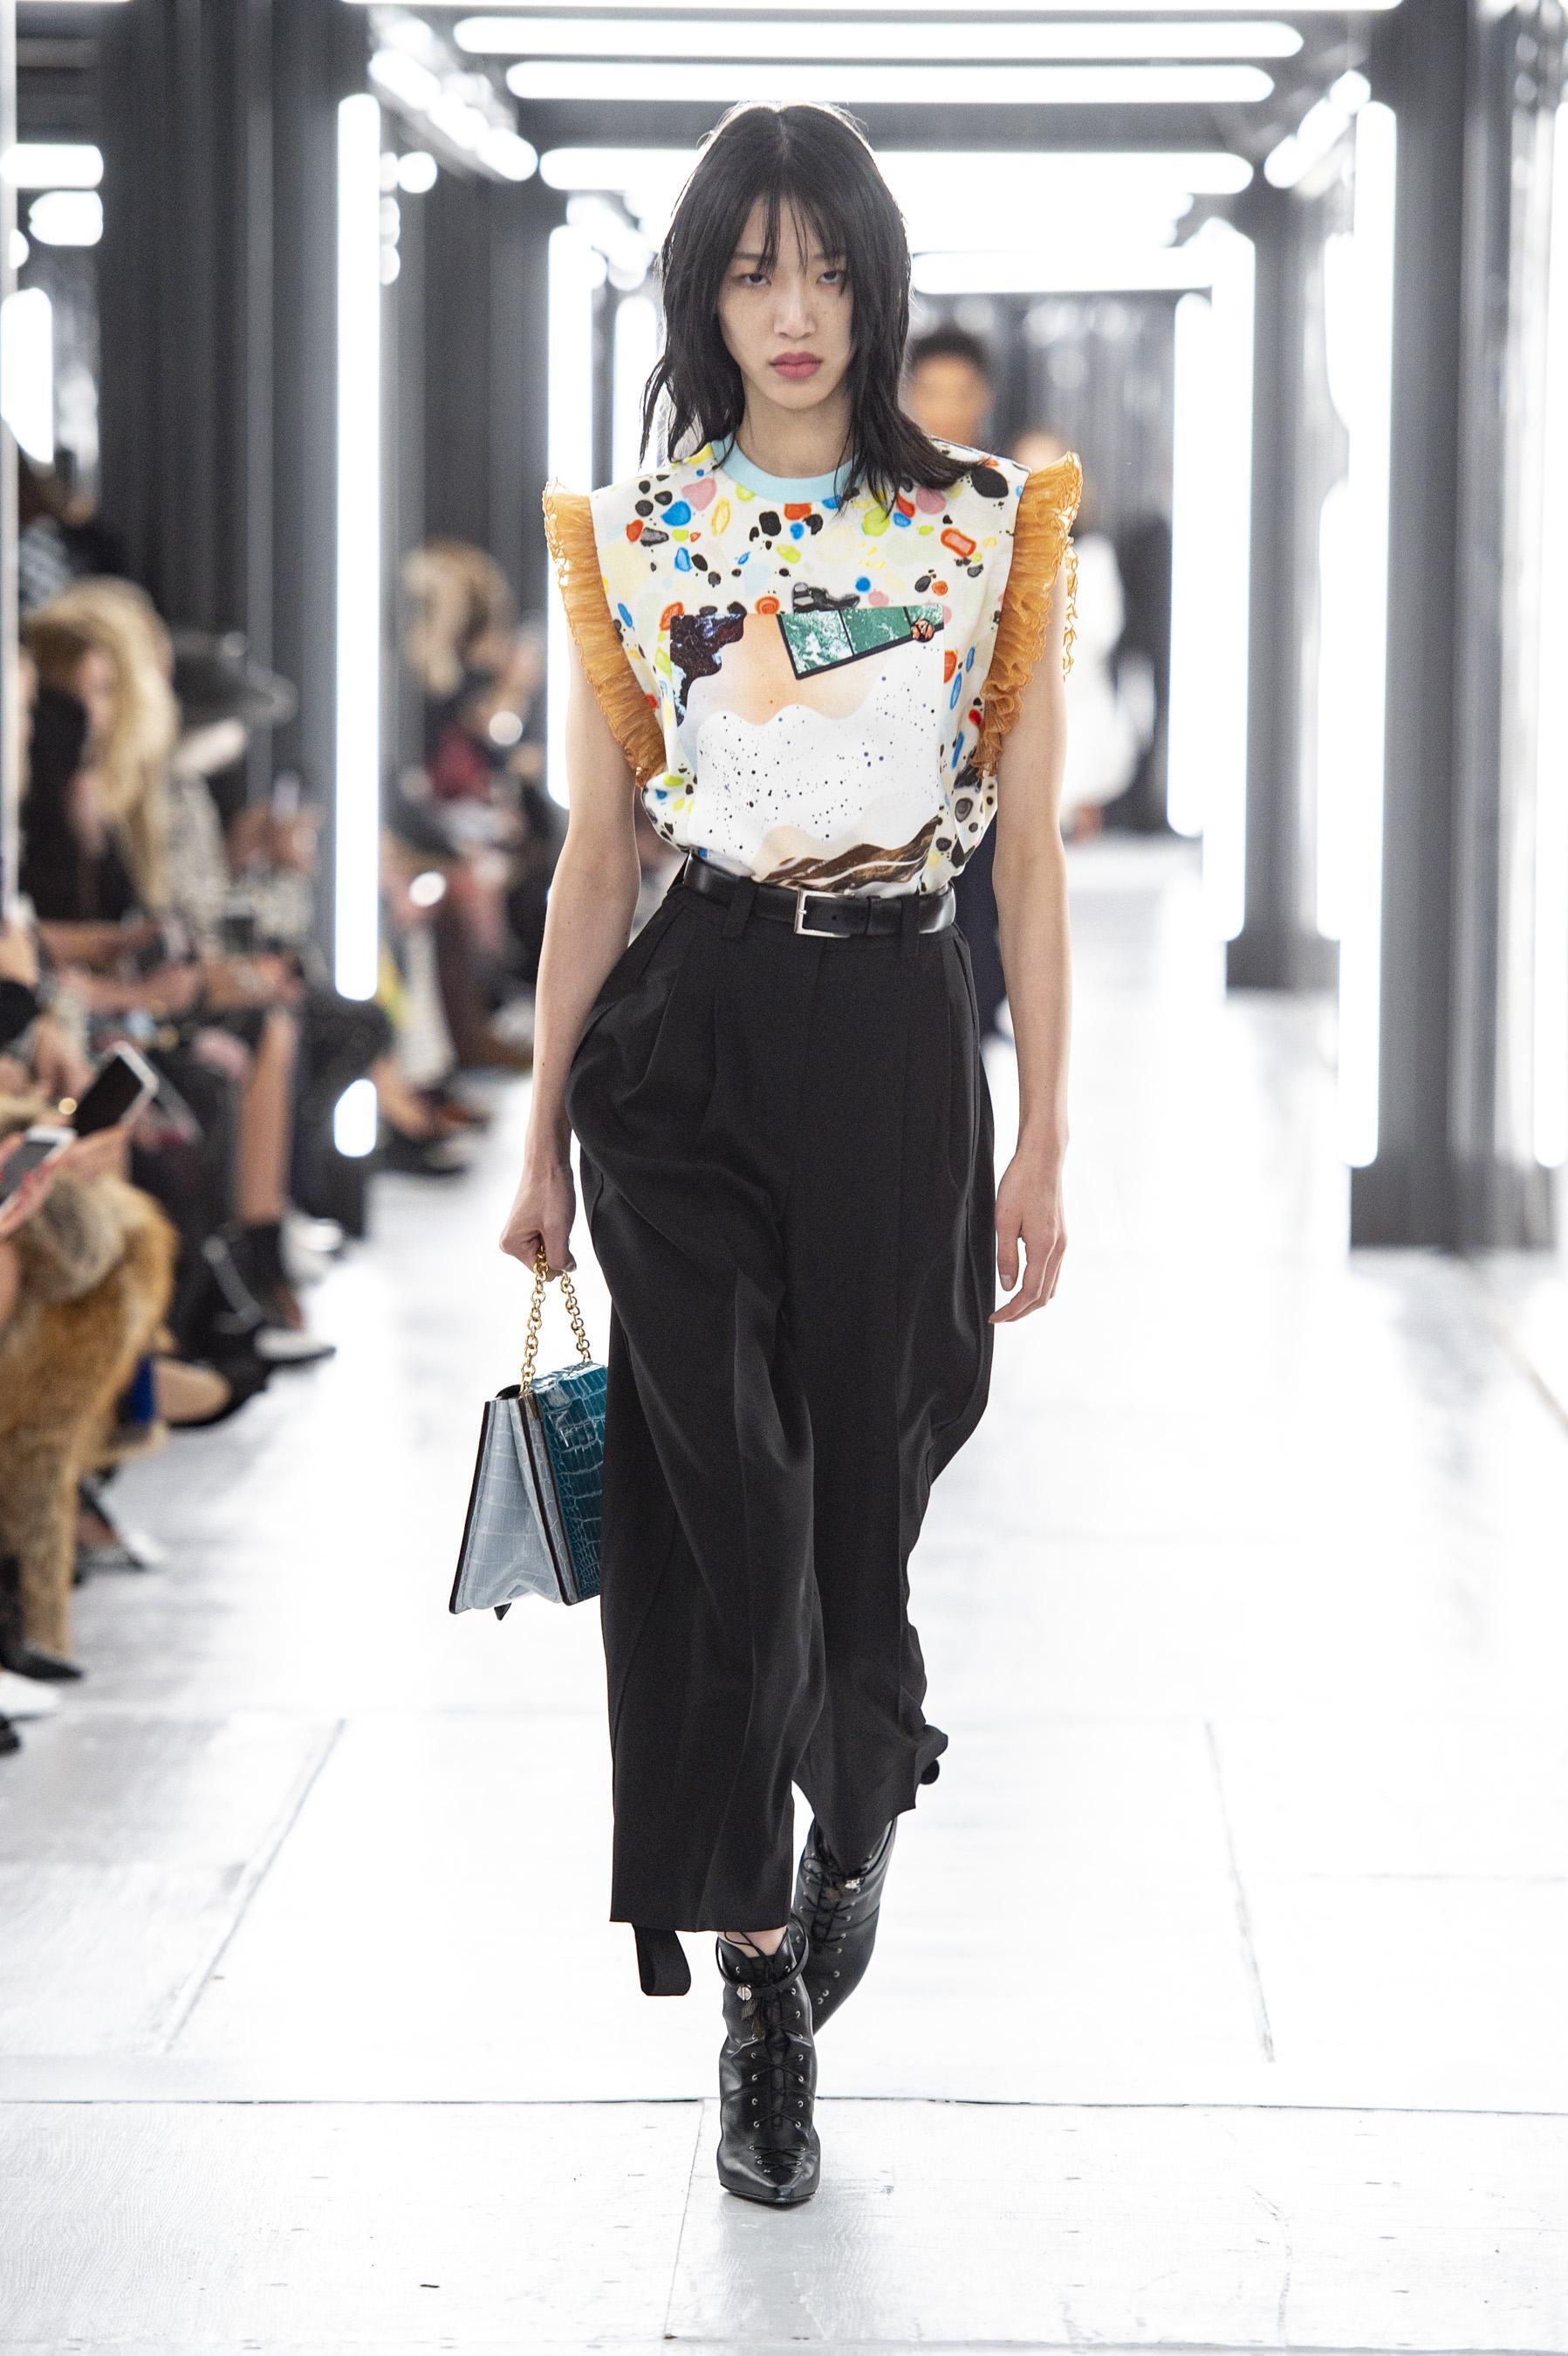 928d5e2418dd Défilé Louis Vuitton printemps-été 2019, Paris - Look 28. Défilé Louis  Vuitton Prêt-à-porter printemps-été 2019 Paris - photo 28 Imaxtree